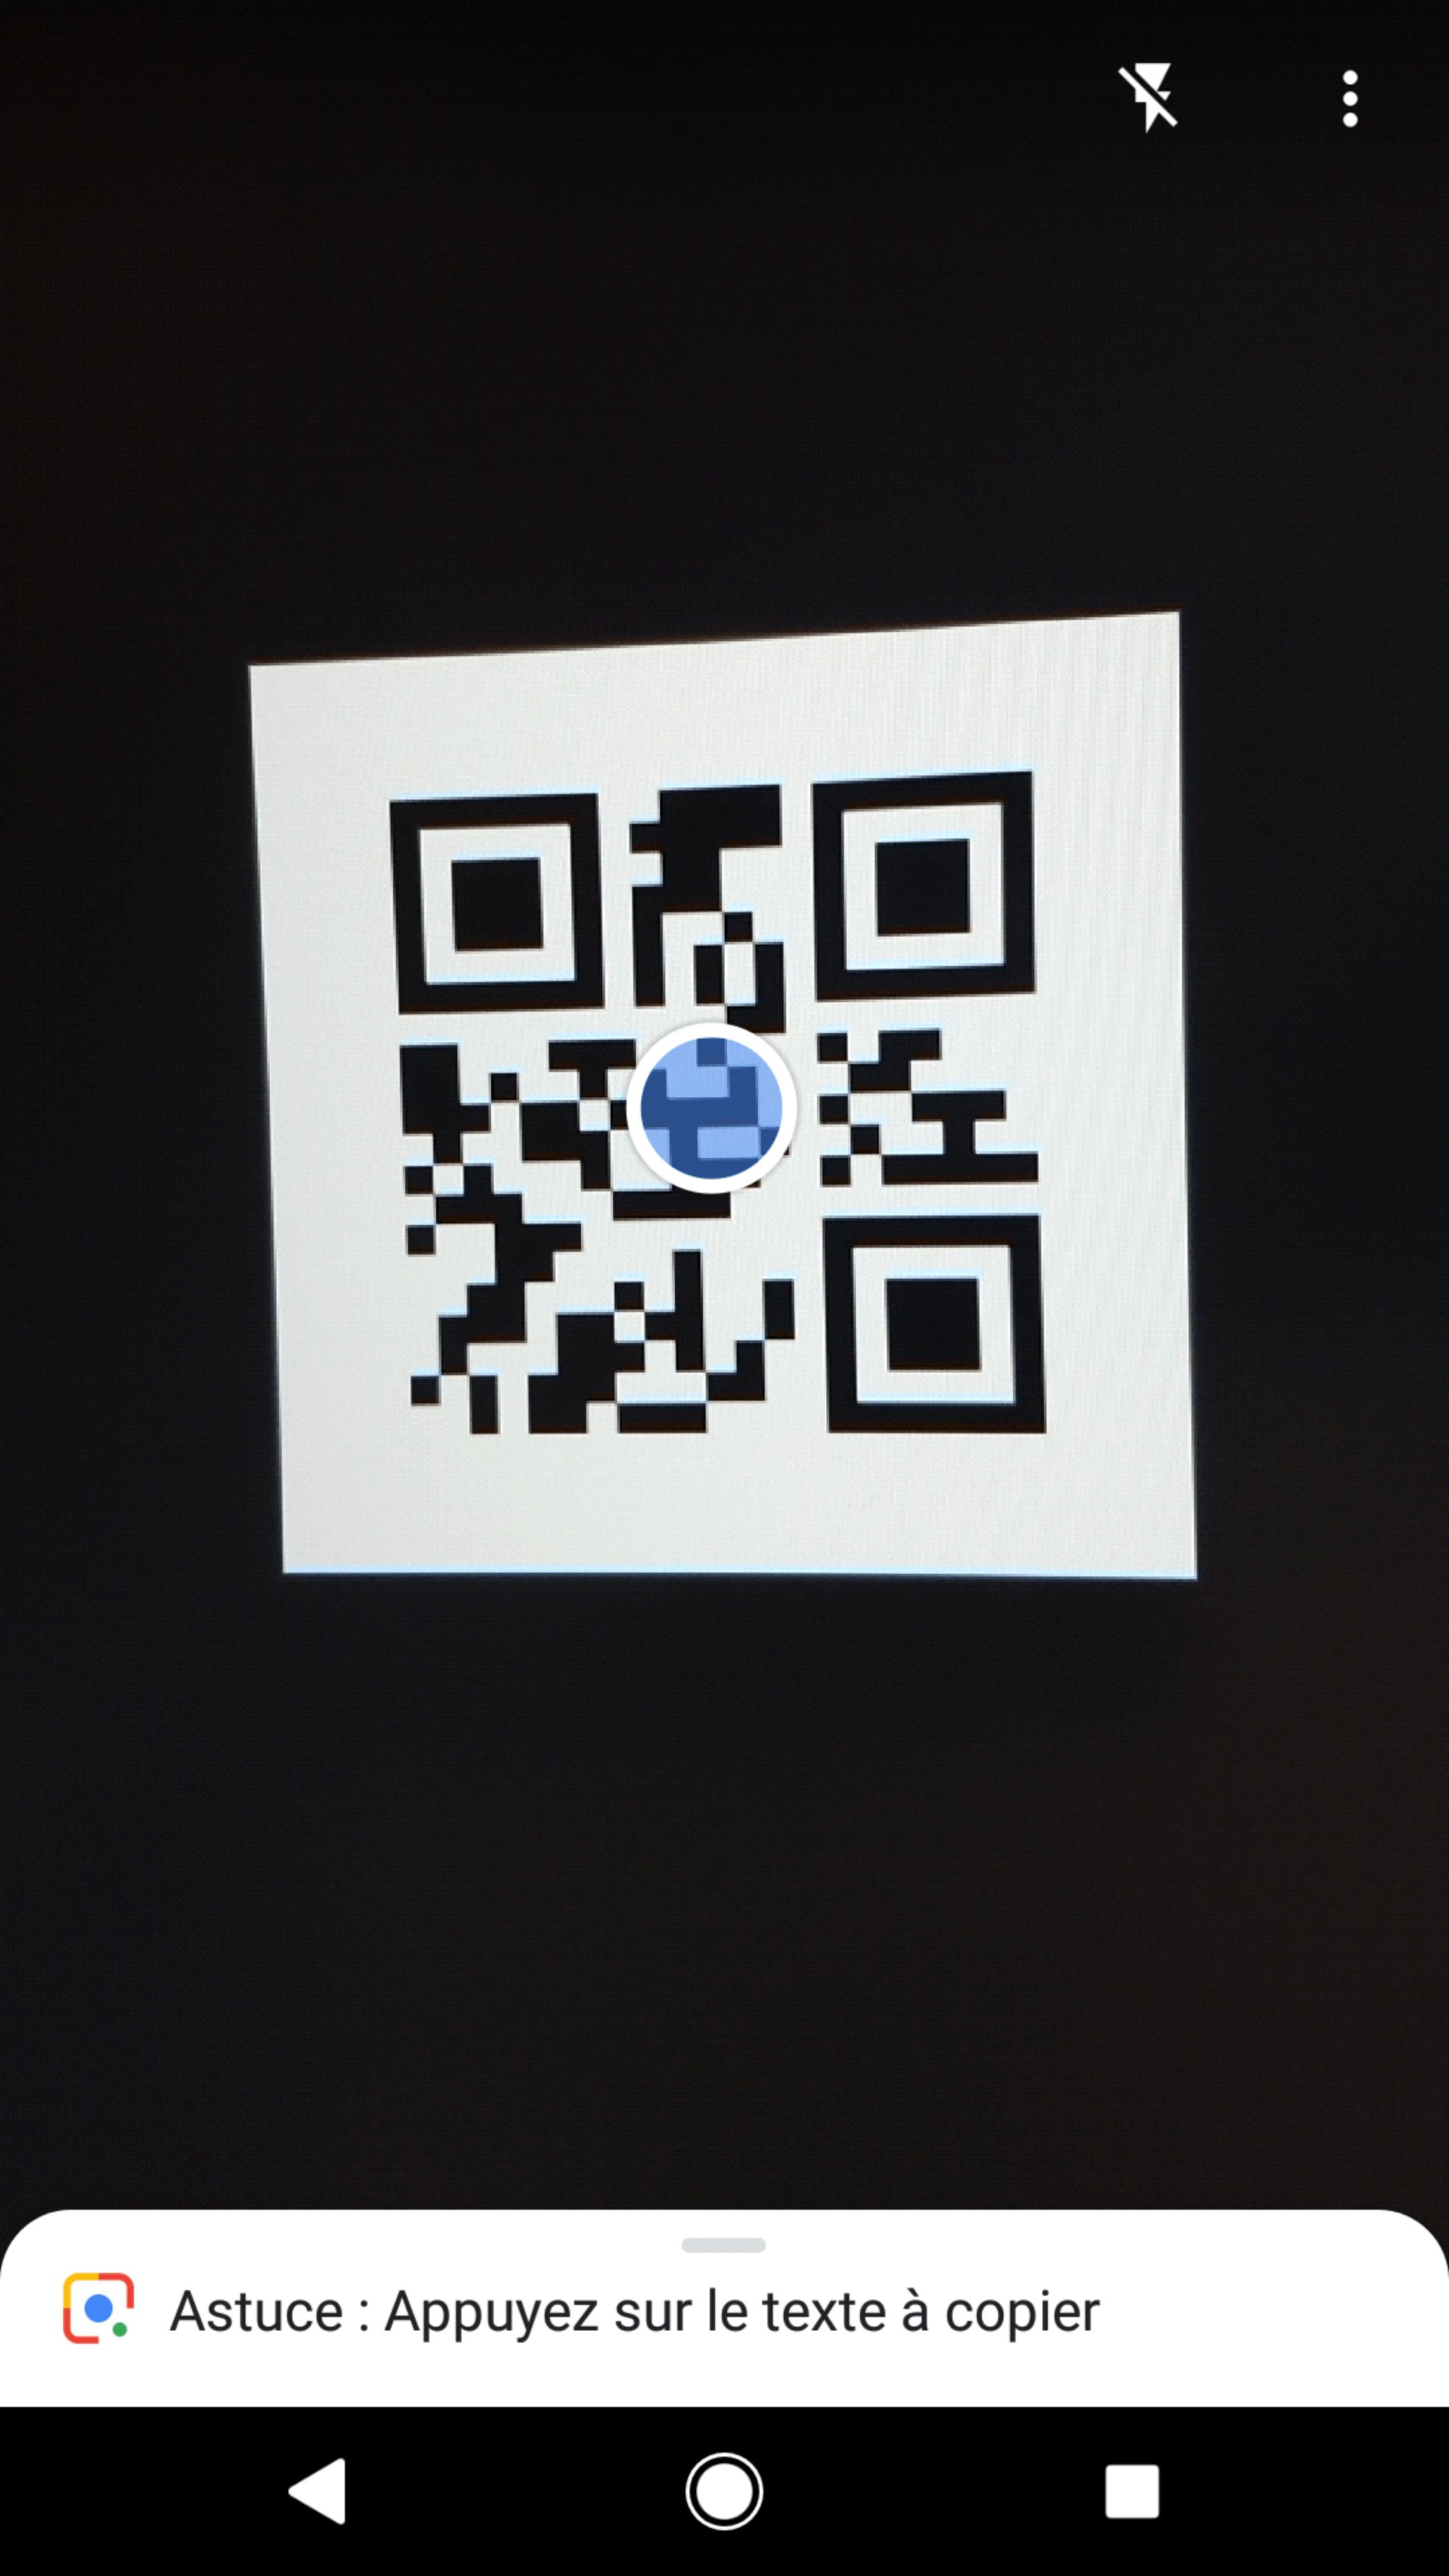 télécharger lecteur qr code android gratuit